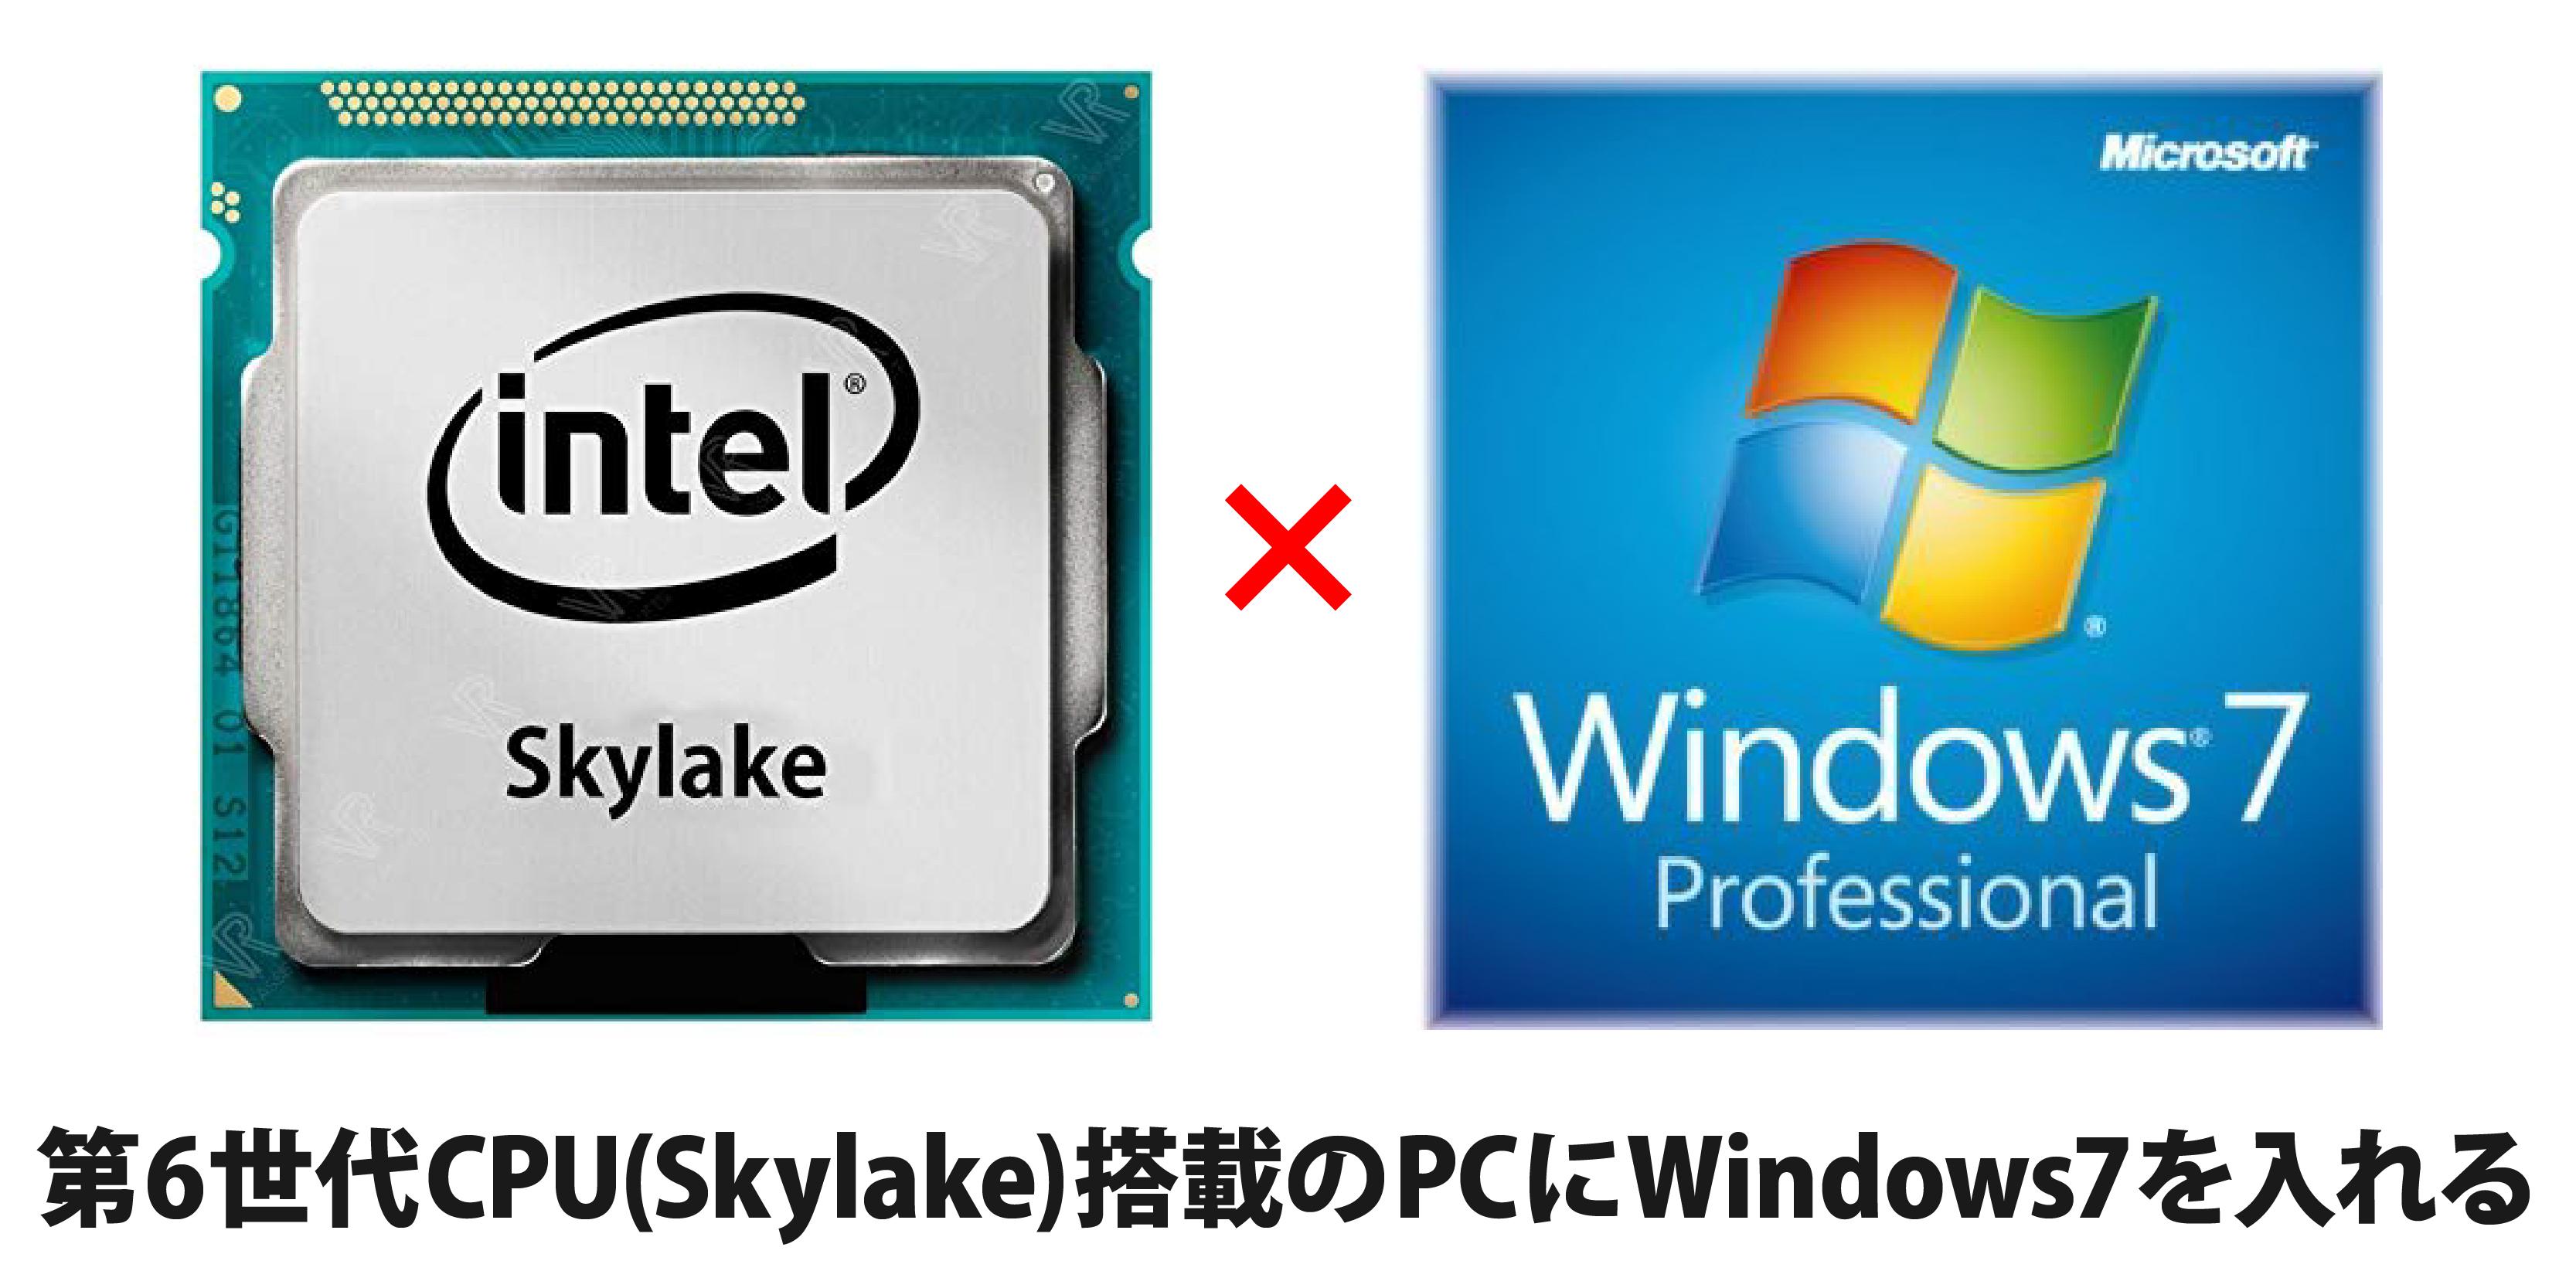 第6世代CPU(Skylake)搭載のPCにWindows7をインストール